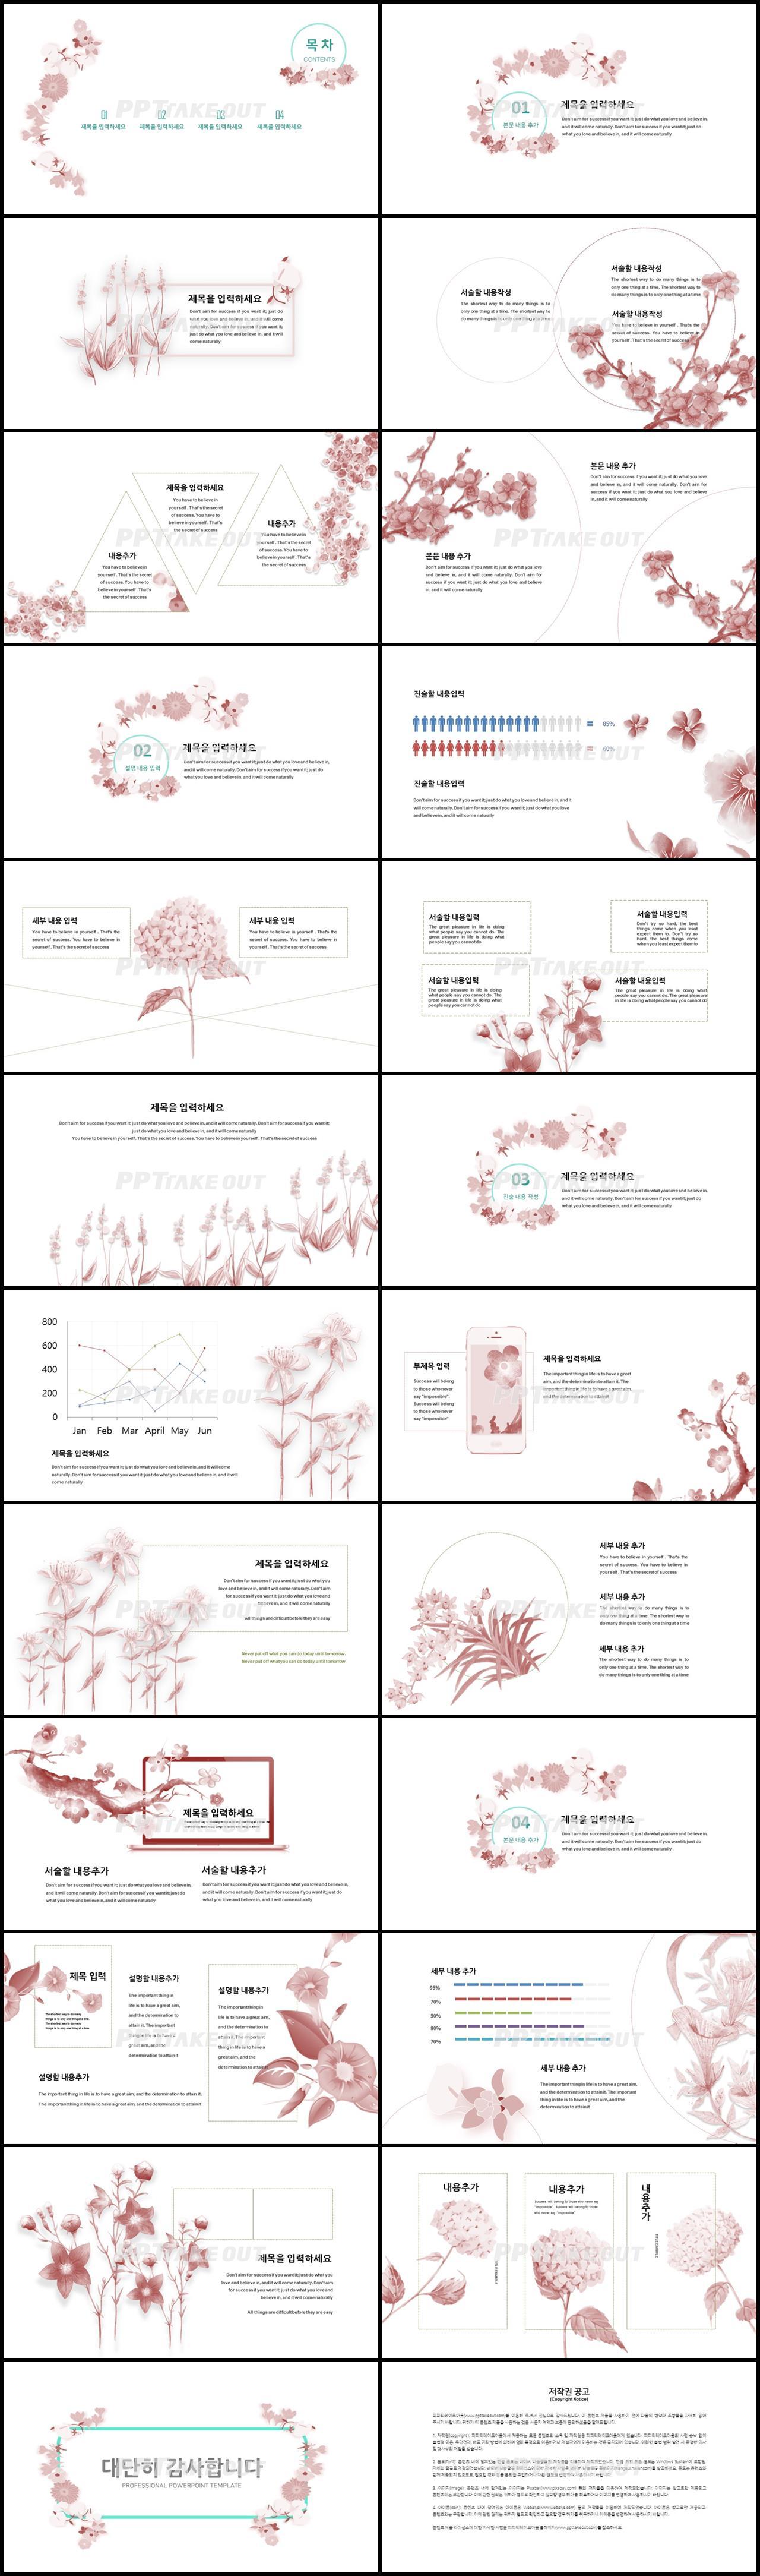 꽃과 동식물 주제 핑크색 손쉬운 고퀄리티 PPT배경 제작 상세보기